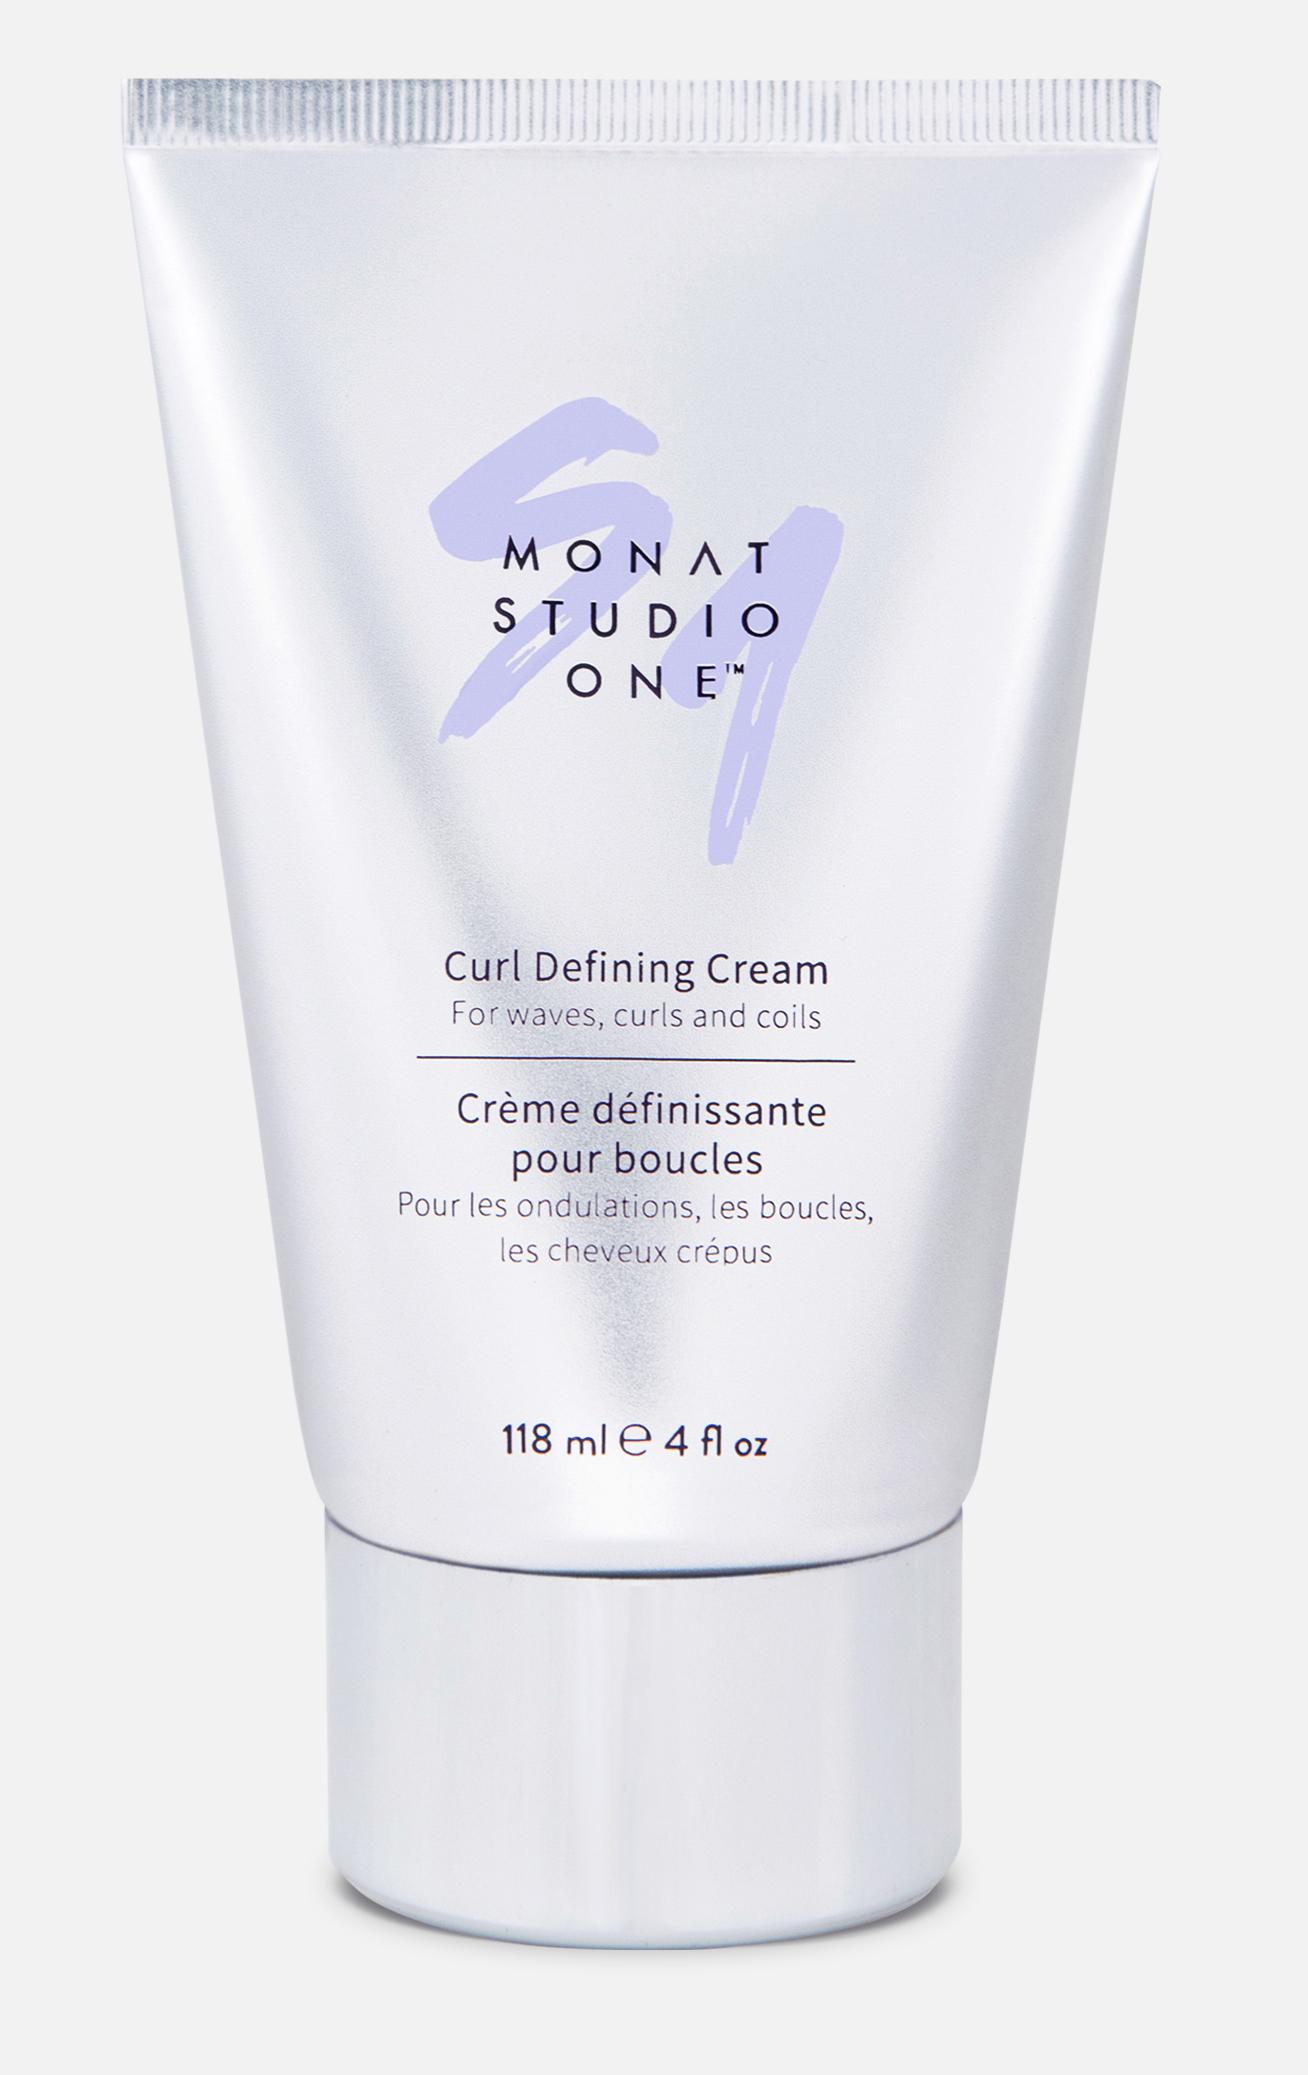 Monat Studio One Curl Defining Cream